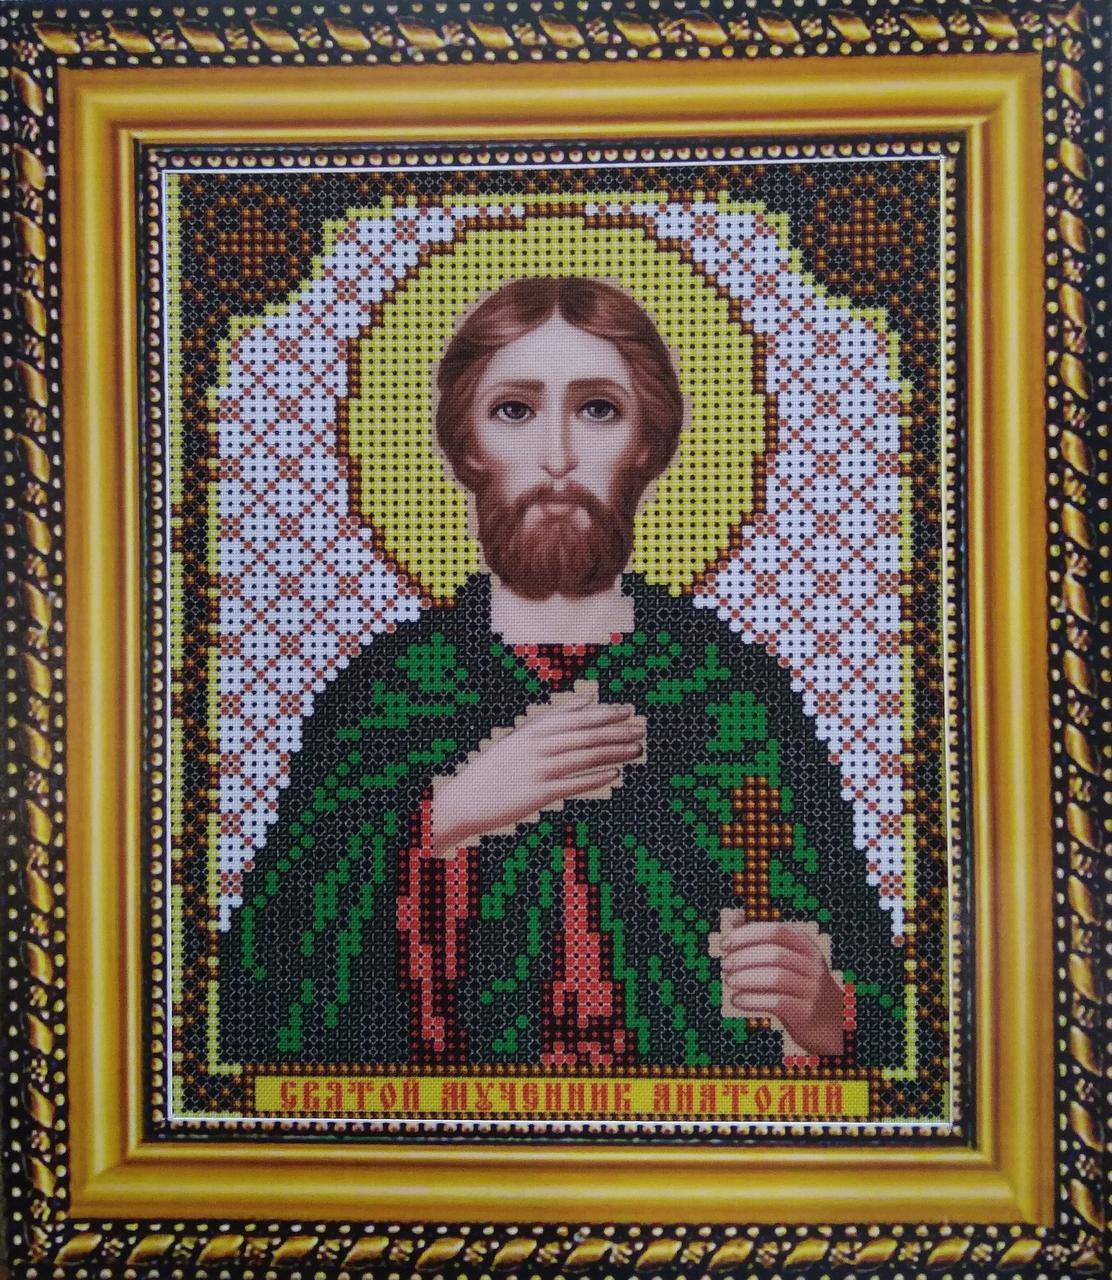 Набор для вышивки бисером ArtWork икона Святой Мученик Анатолий VIA 5078